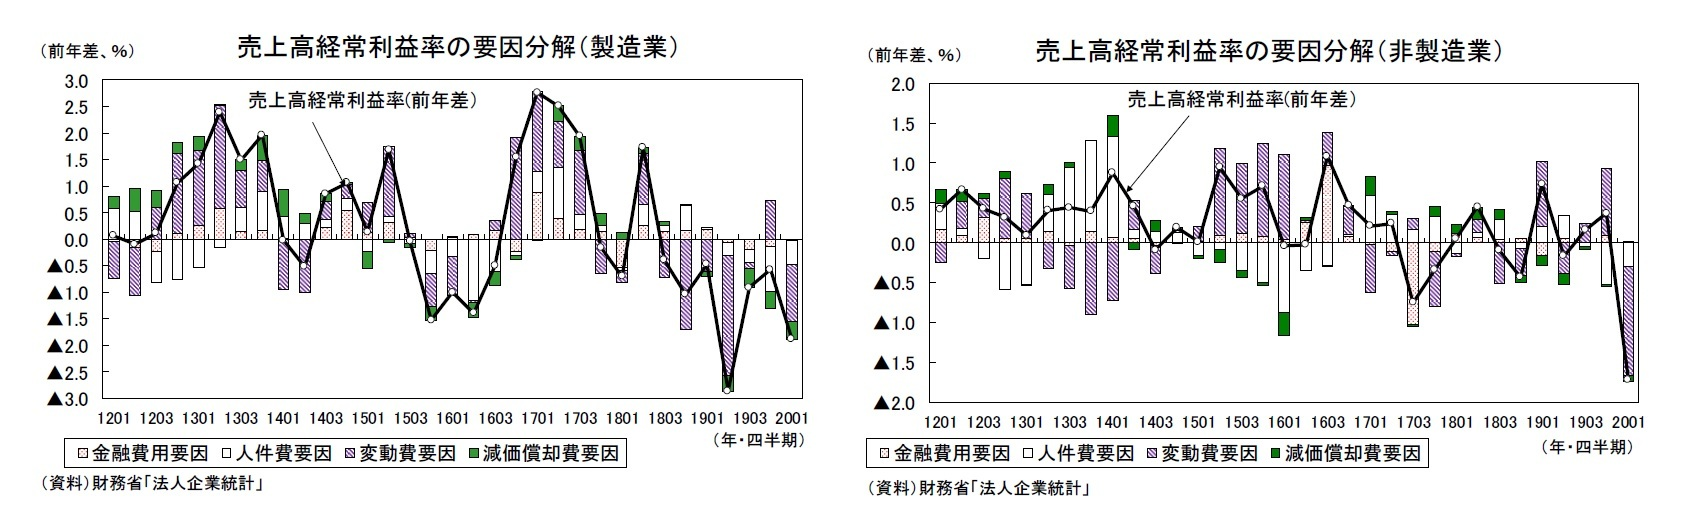 売上高経常利益率の要因分解(製造業)/売上高経常利益率の要因分解(非製造業)